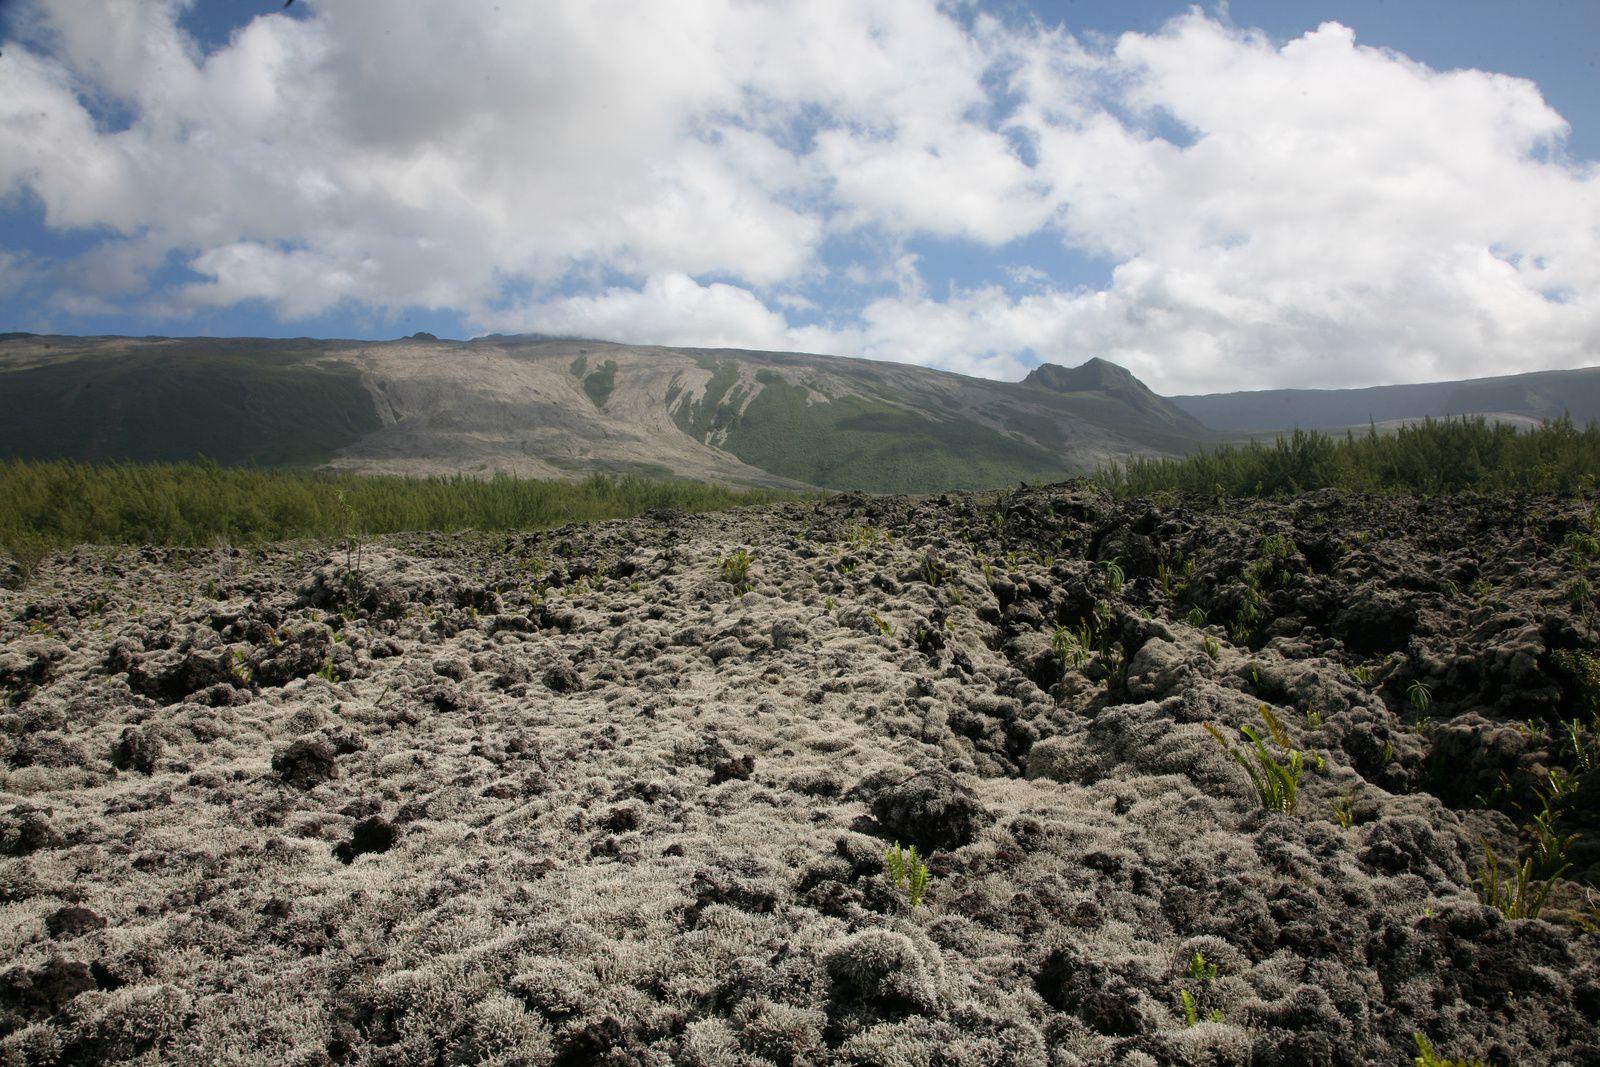 Piton de La Fournaise - Route des laves / Grand Brûlé - coulée 2004 - photo © Bernard Duyck / Juin 2017